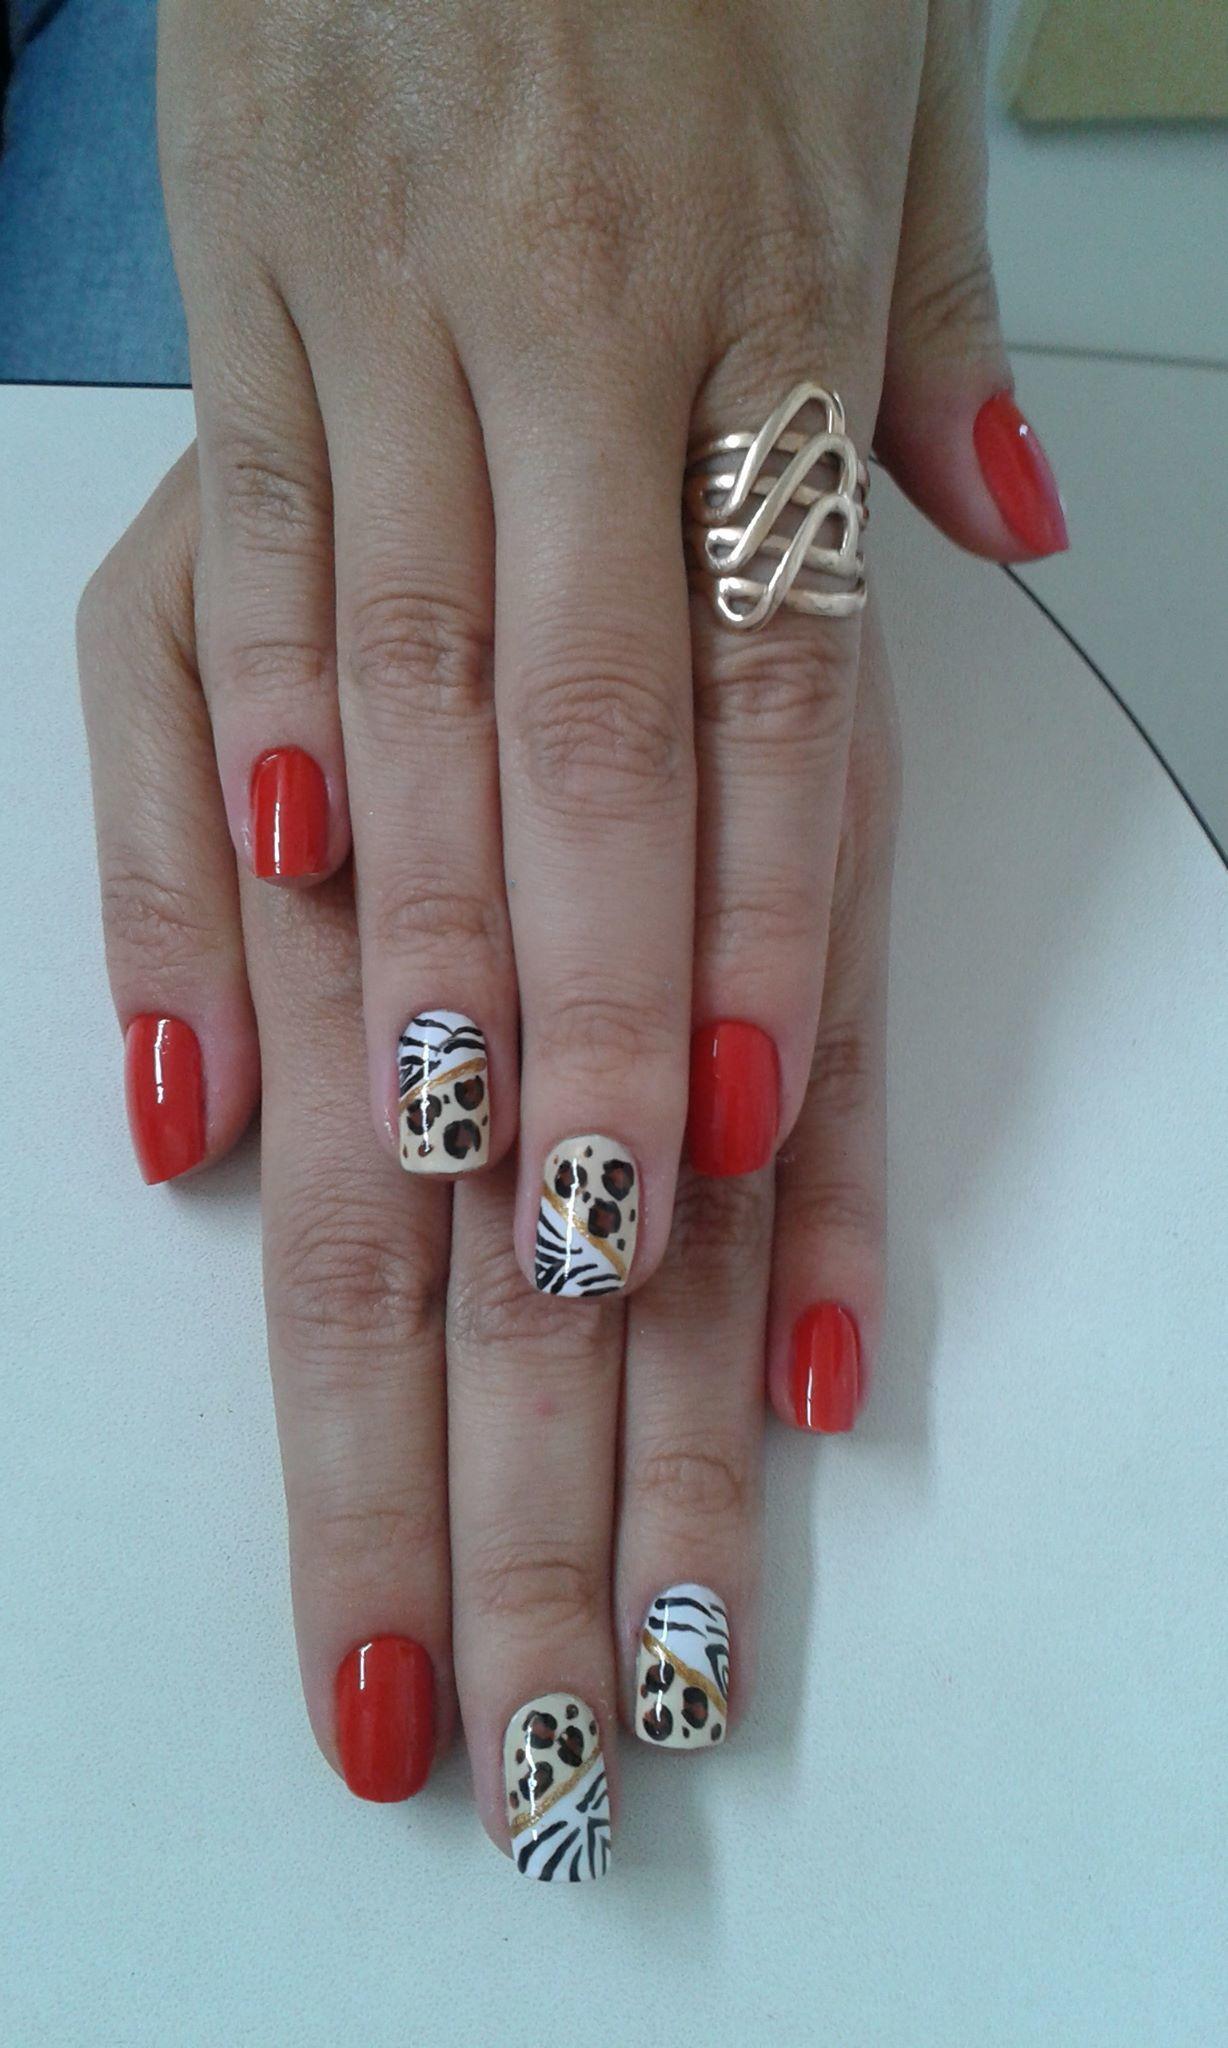 oncinha e zebra, vermelho cremoso, dia-a-dia unhas  manicure e pedicure manicure e pedicure